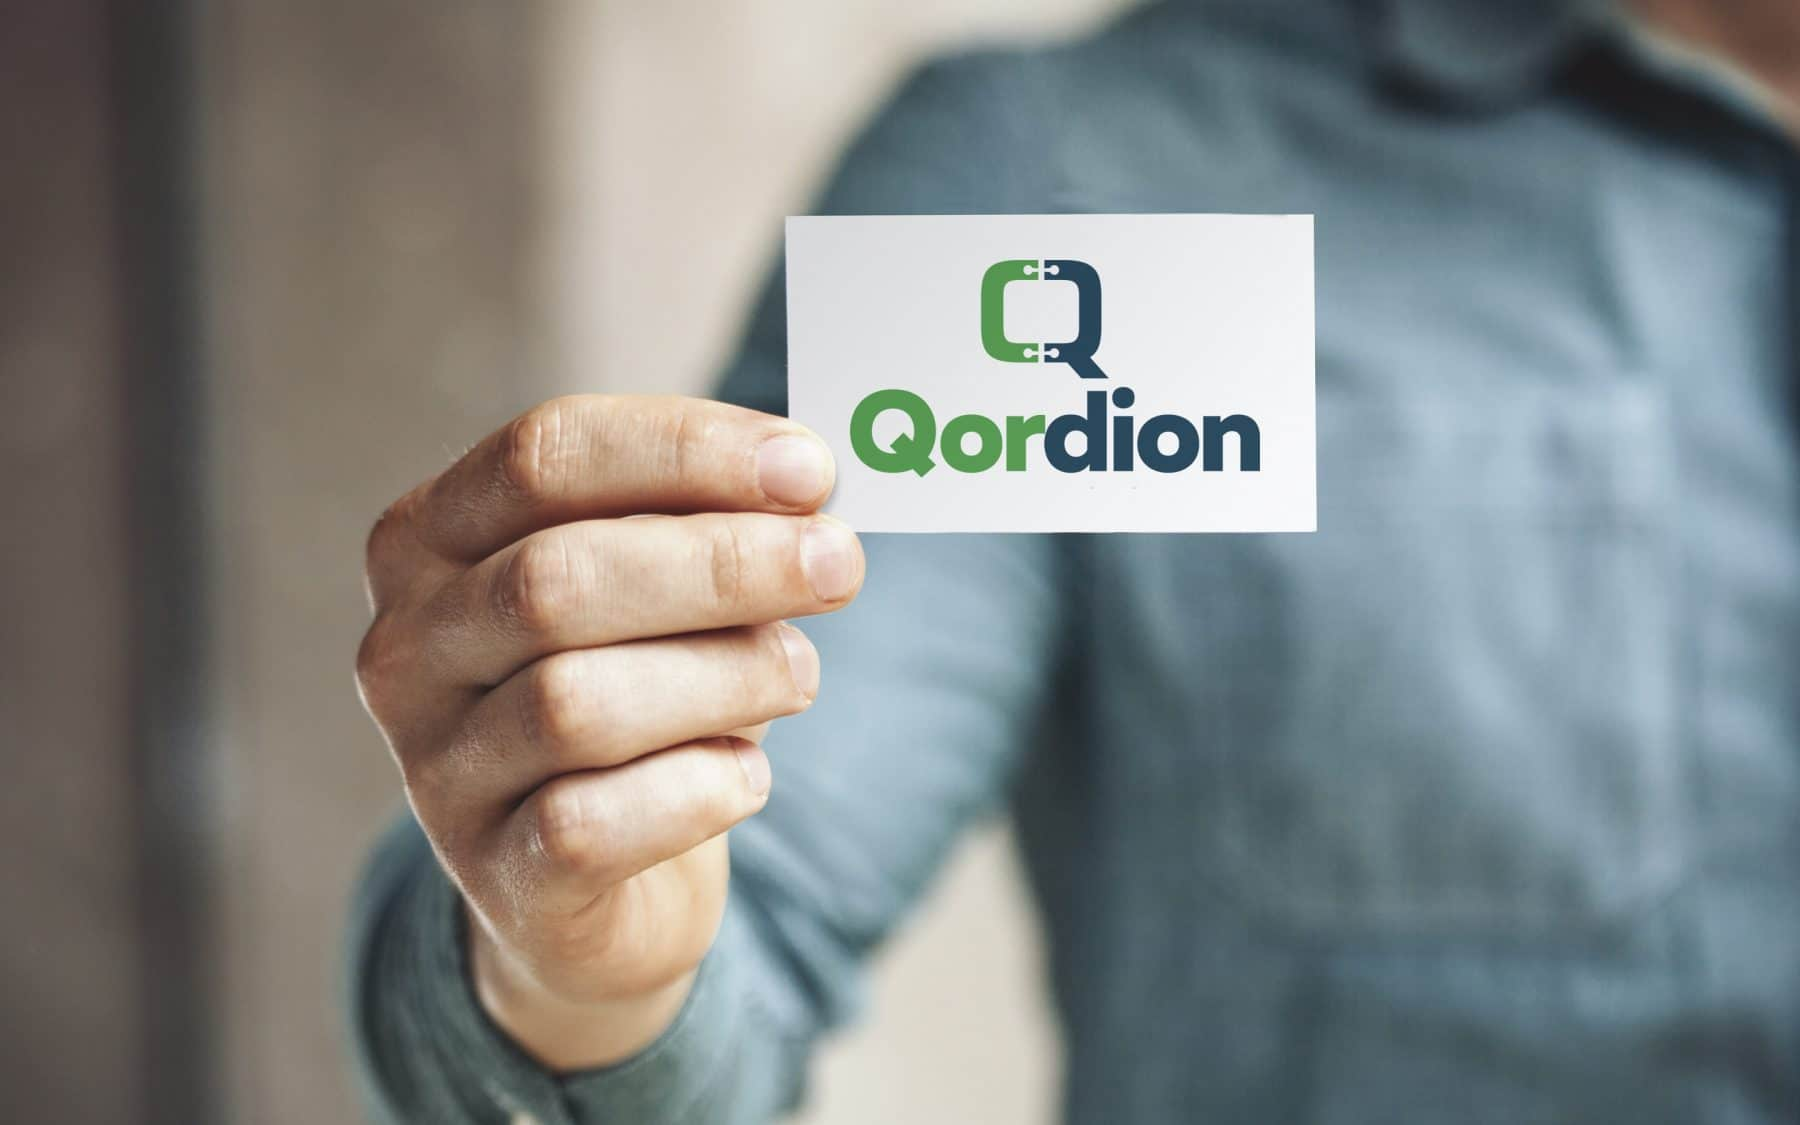 Qordion 1